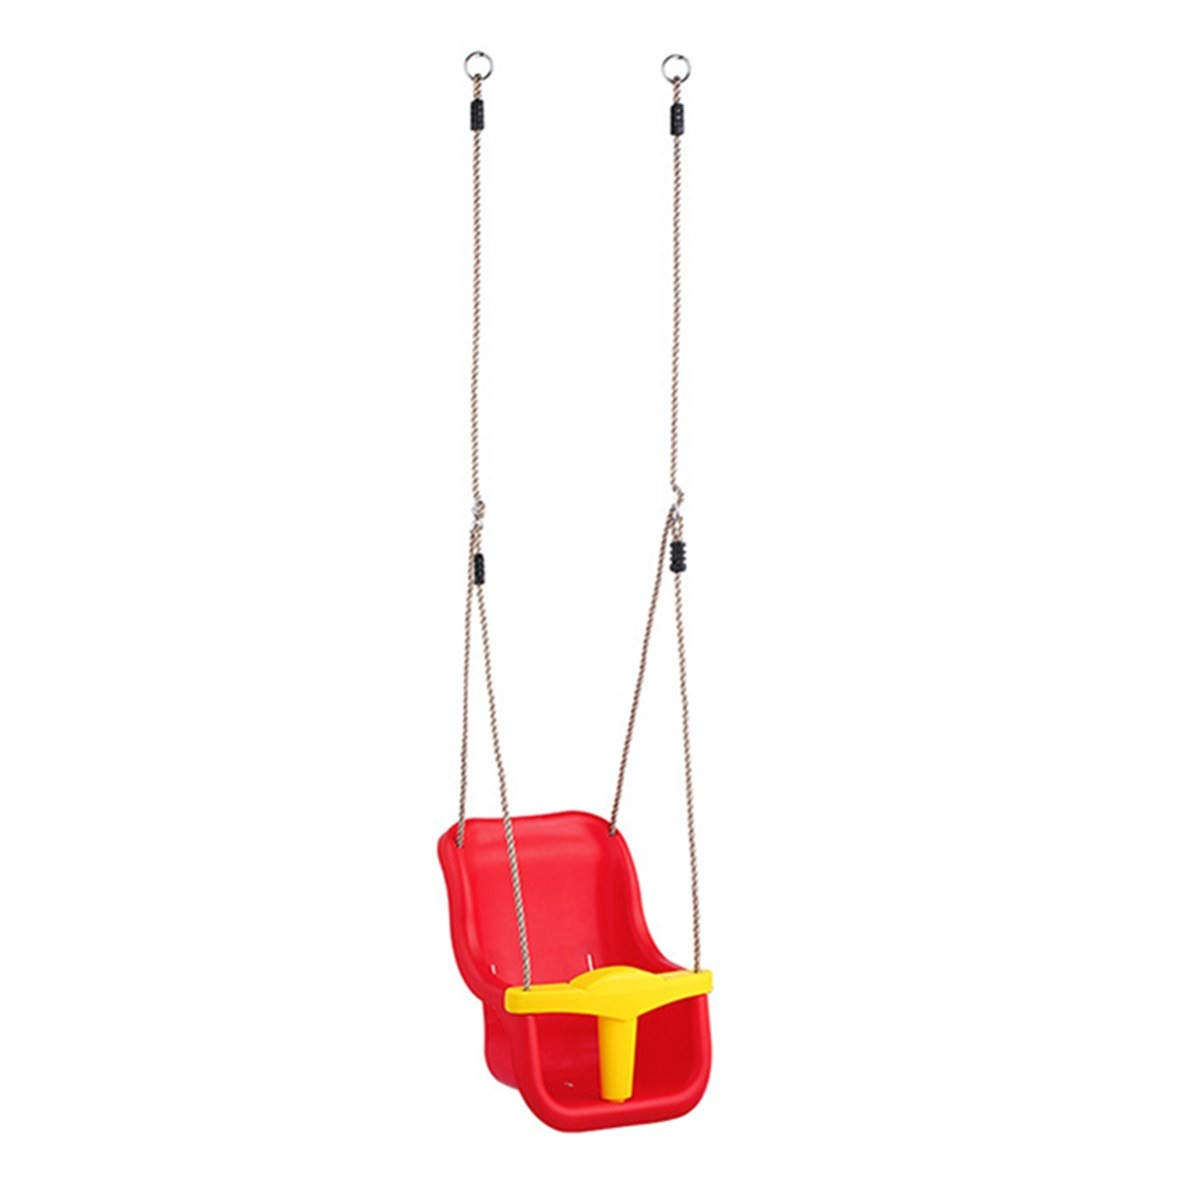 ZHENWOFC 幼児の安全な取り外し可能な屋外の演劇の揺りかごの庭への赤ん坊の振動座席セットの幼児 New   B07RDHR4CR